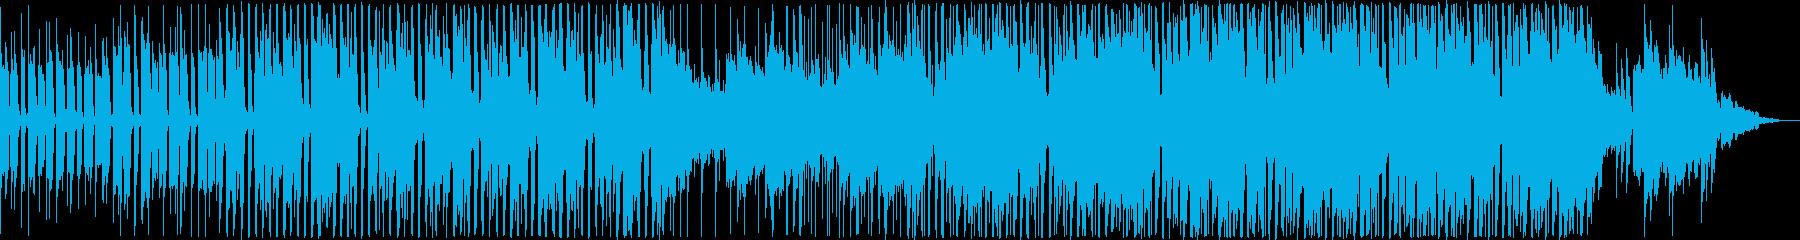 ポップ 静か お洒落 ファンタジー...の再生済みの波形